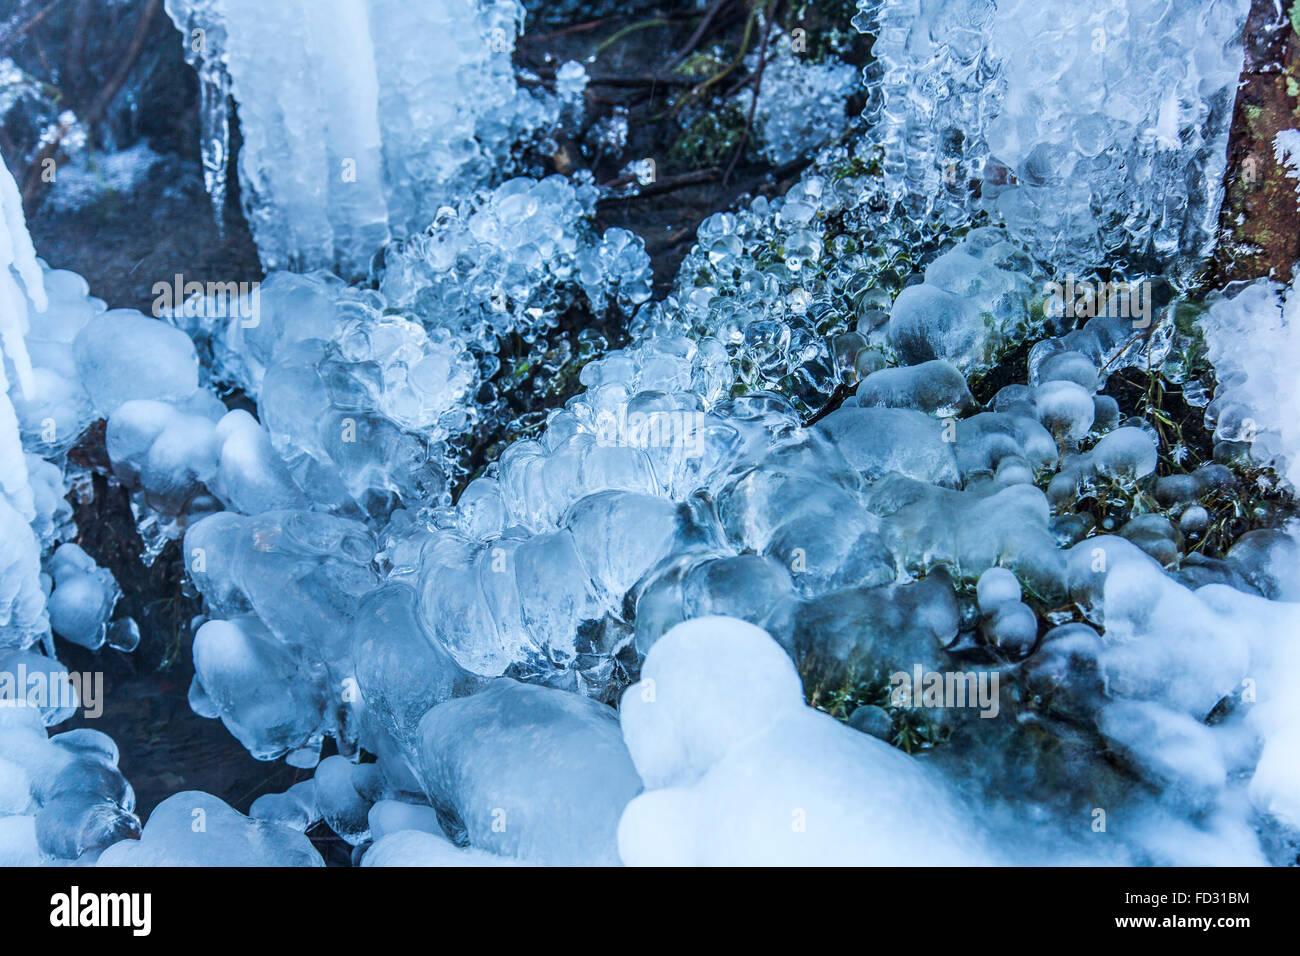 Arroyo congelado, el agua congelada, gotas de hielo en una secuencia, invierno, área Sauerland, Alemania Foto de stock